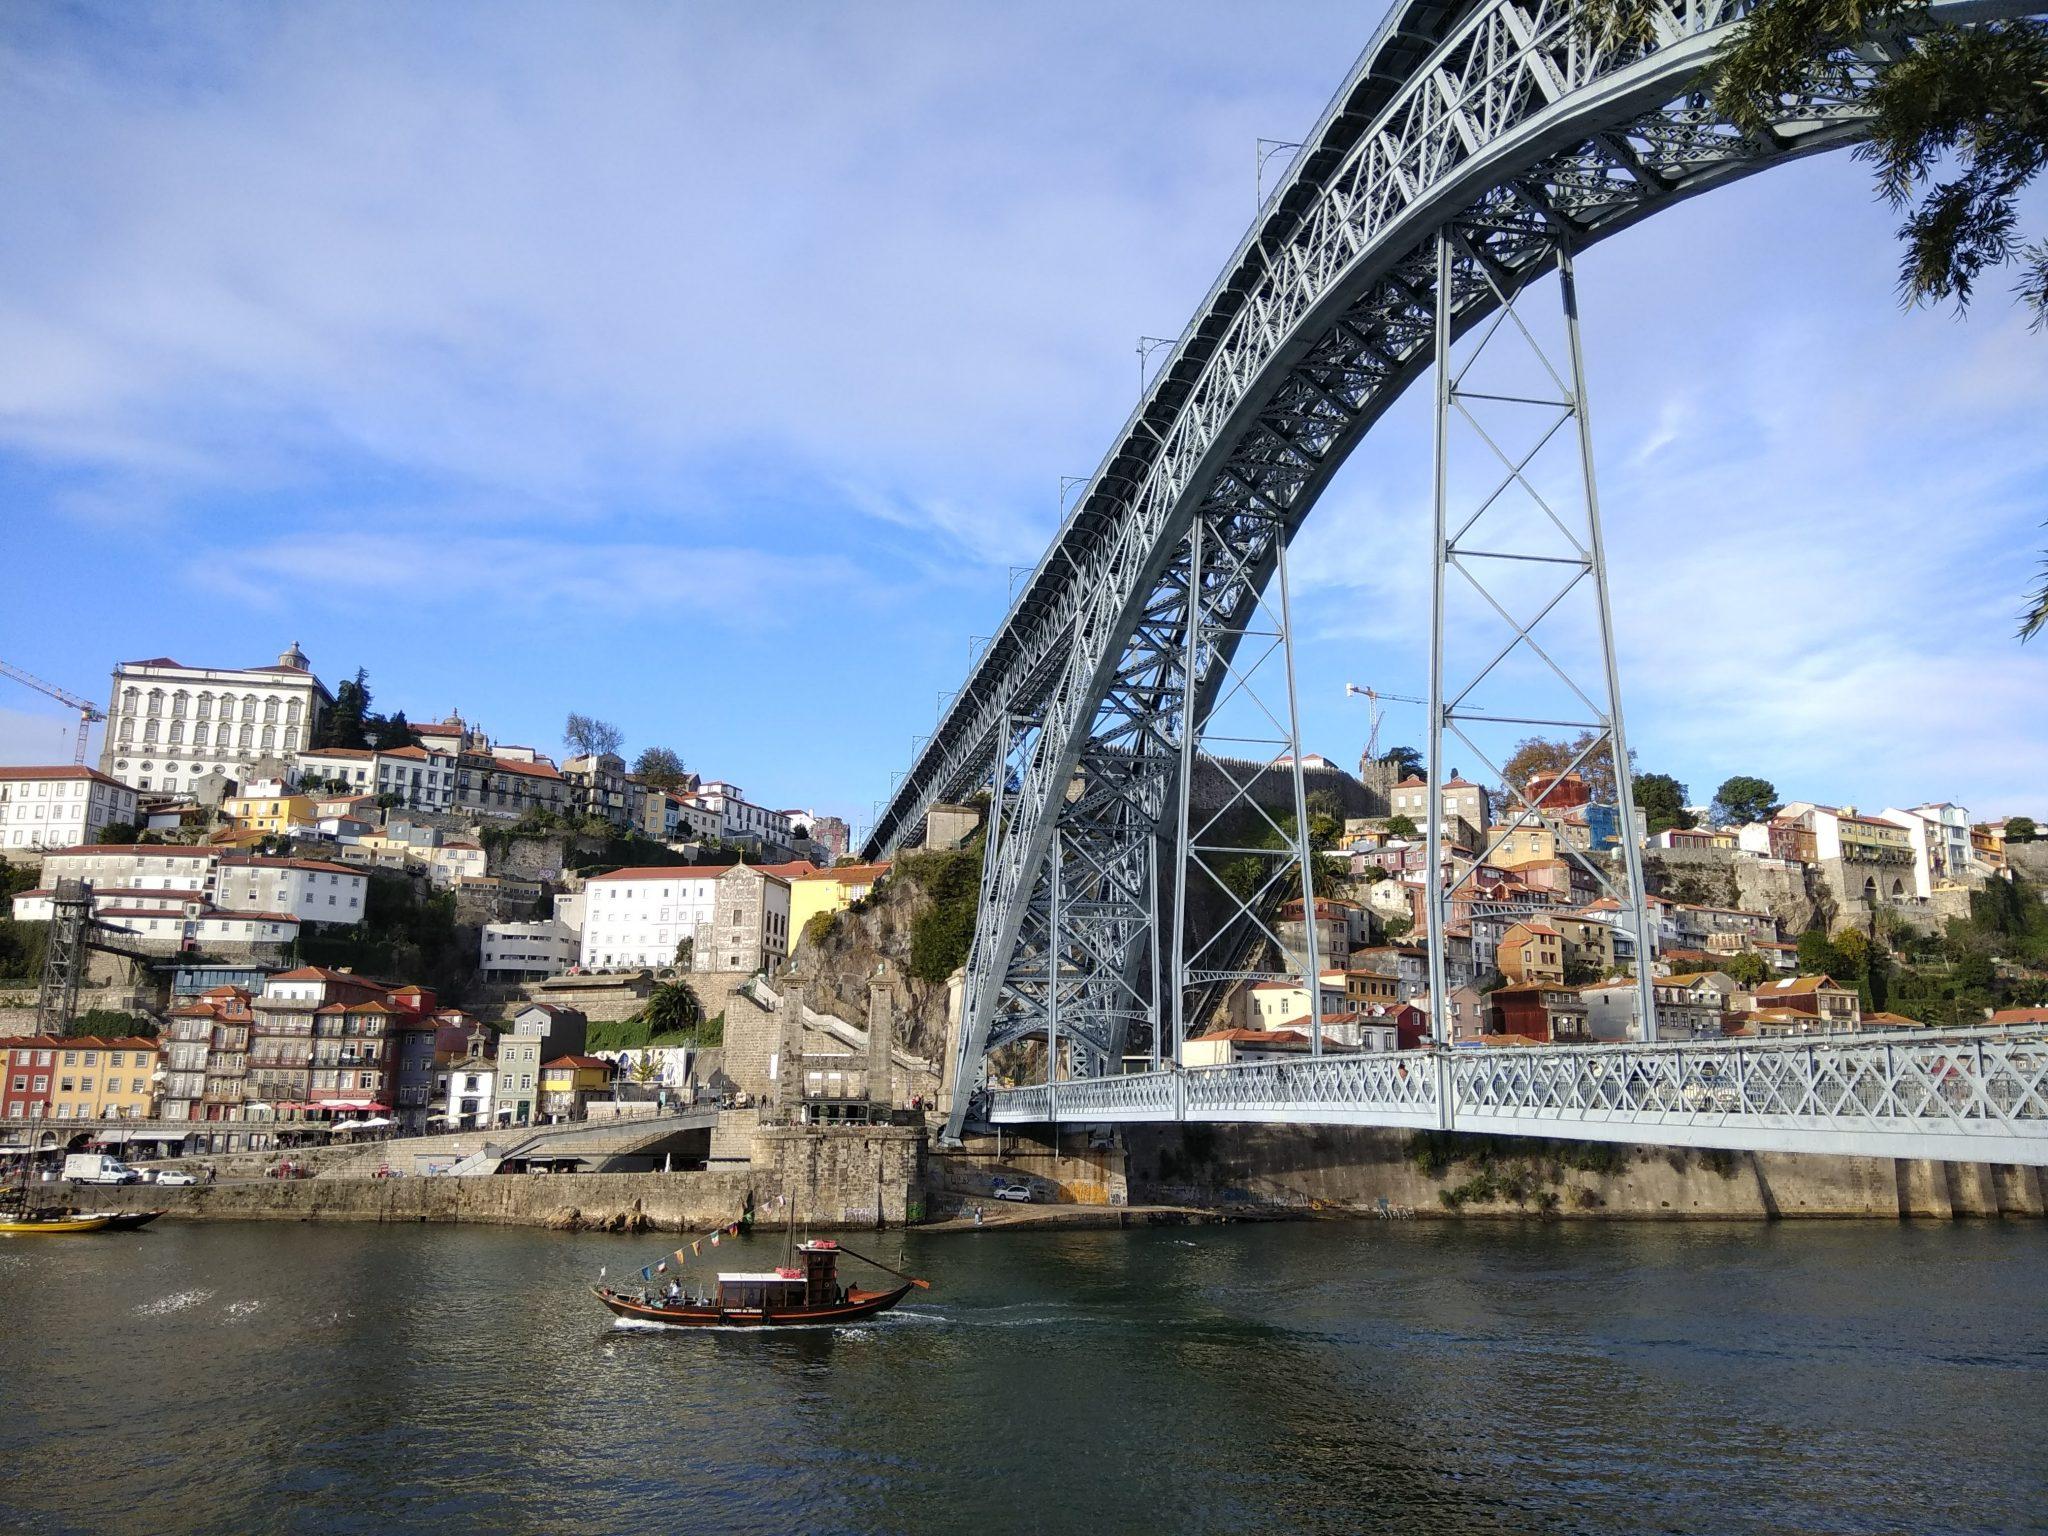 Imagen Post 2 días en Oporto. Puente Luis I - Pasaporte y Millas